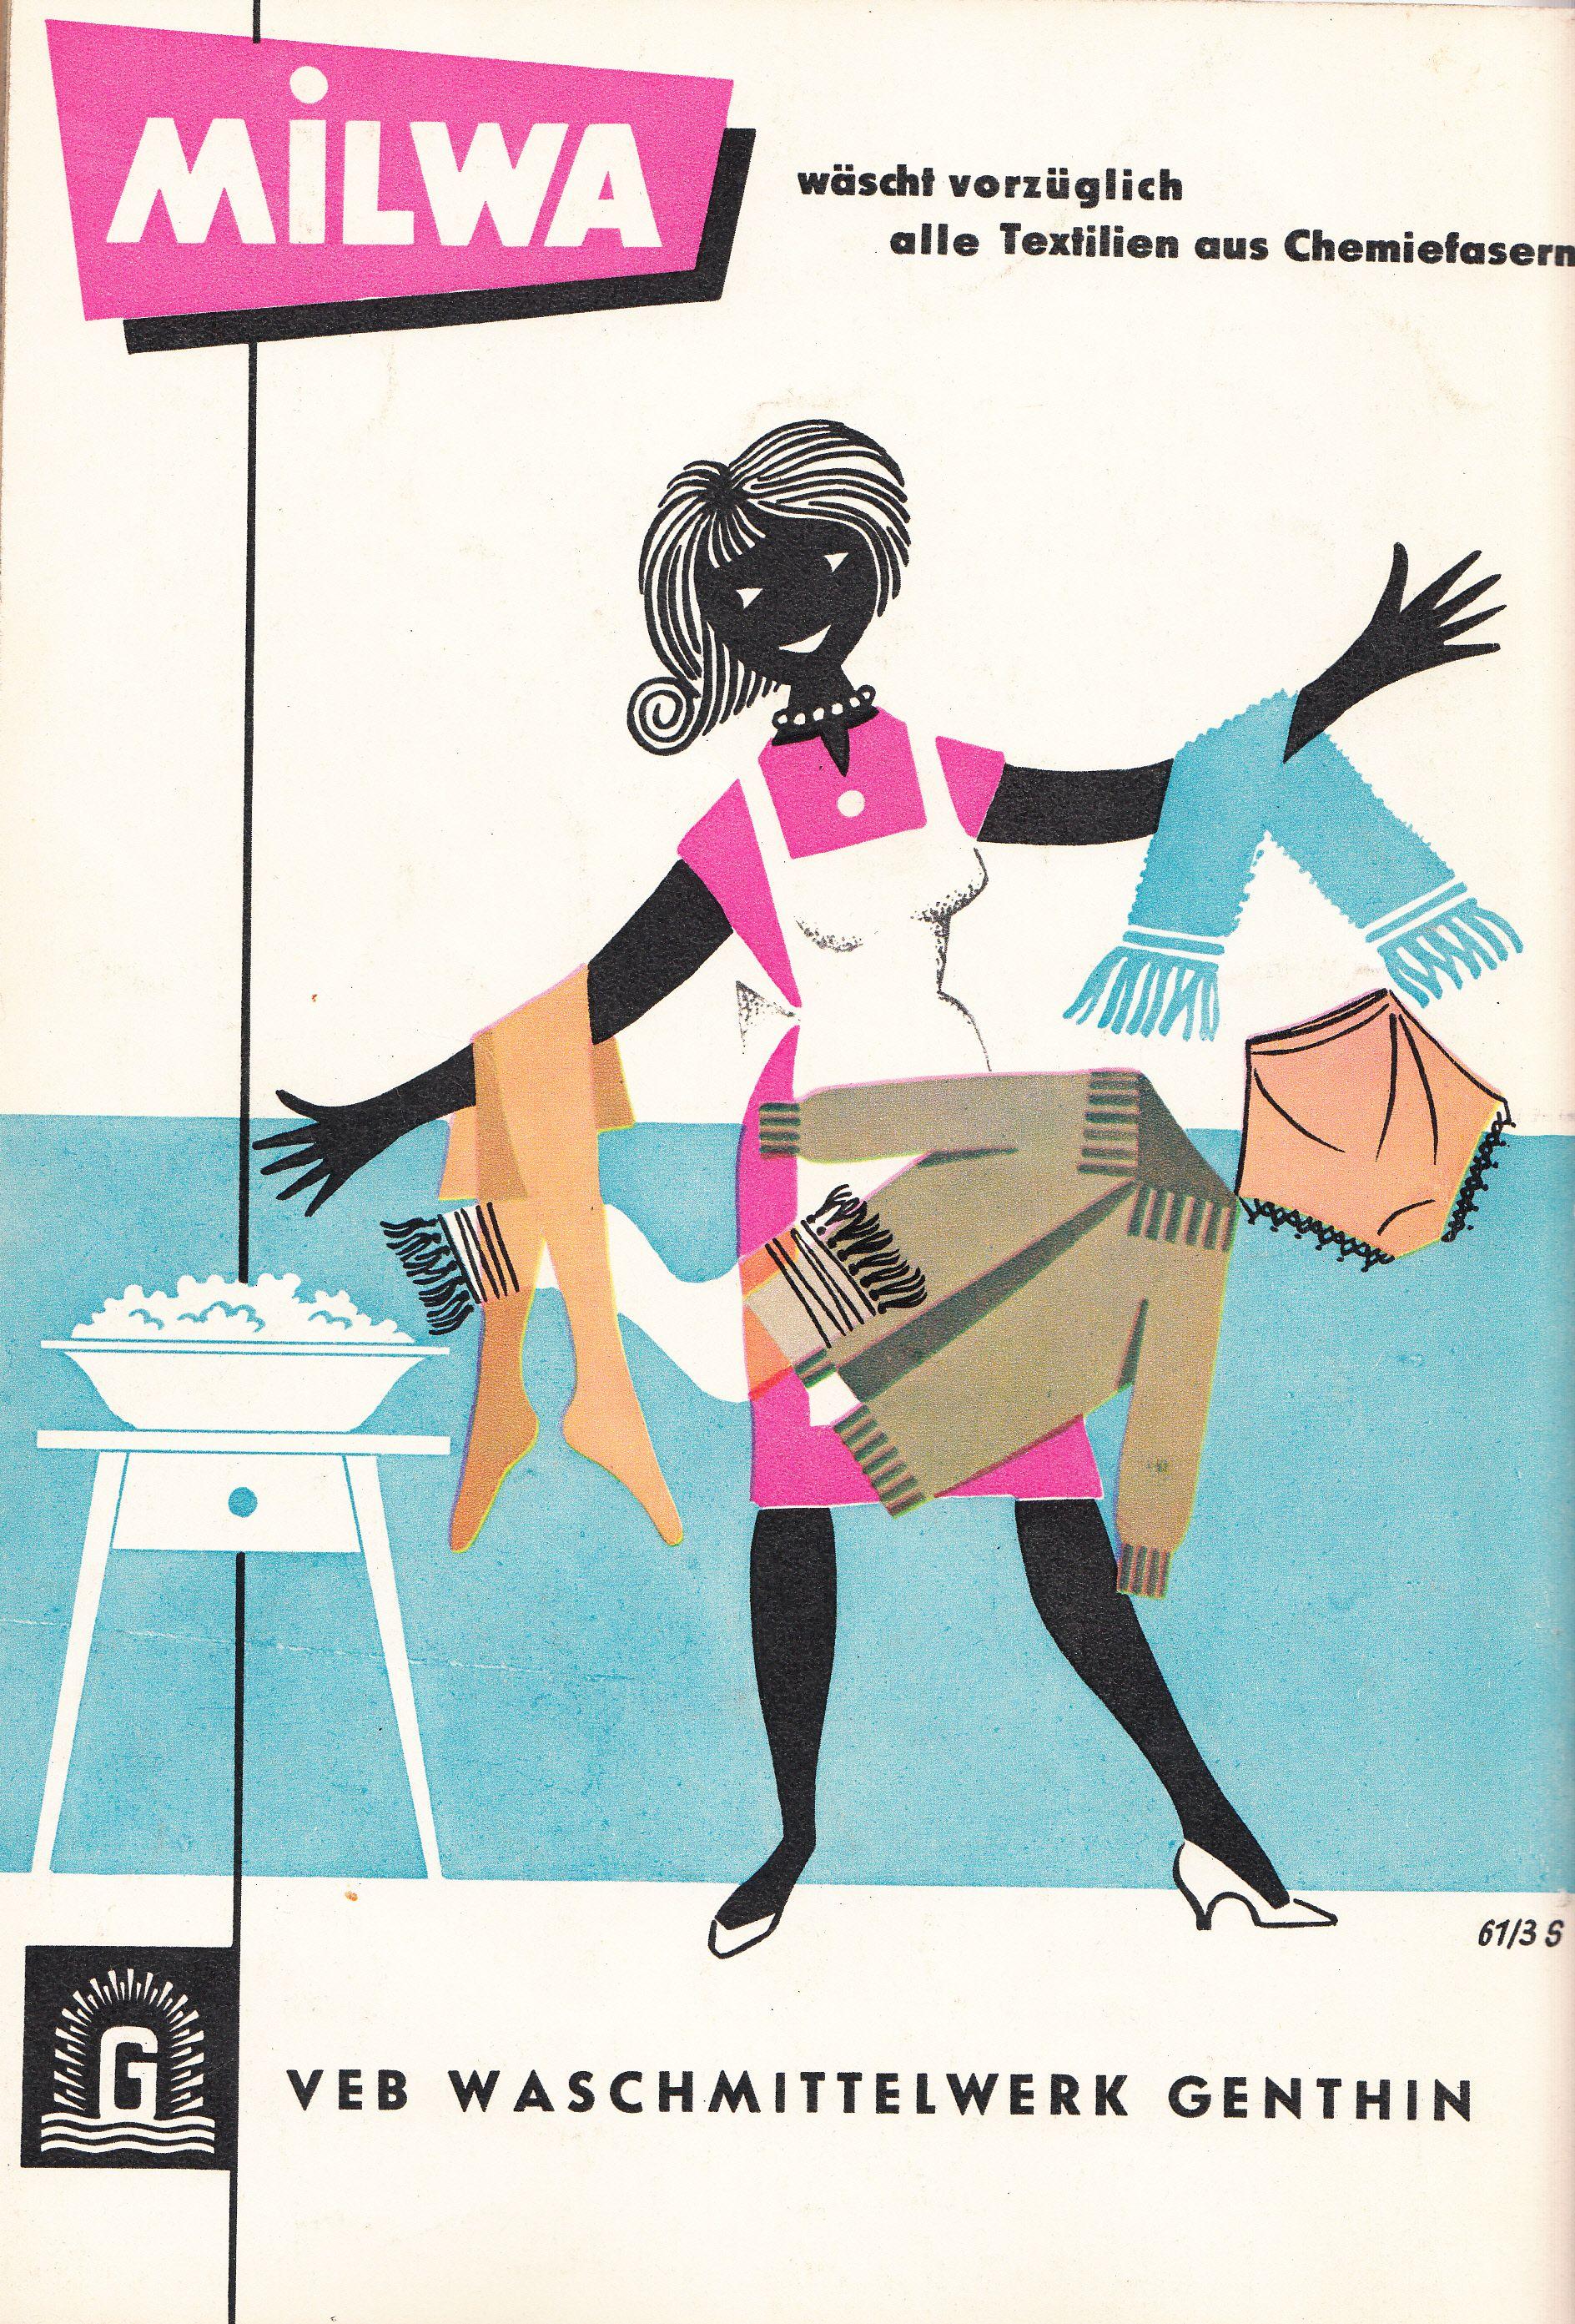 Milwa Veb Waschmittelwerk Genthin East German Ad Ddr Werbung 1961 Vintage Advertisements Print Ads Vintage Ads